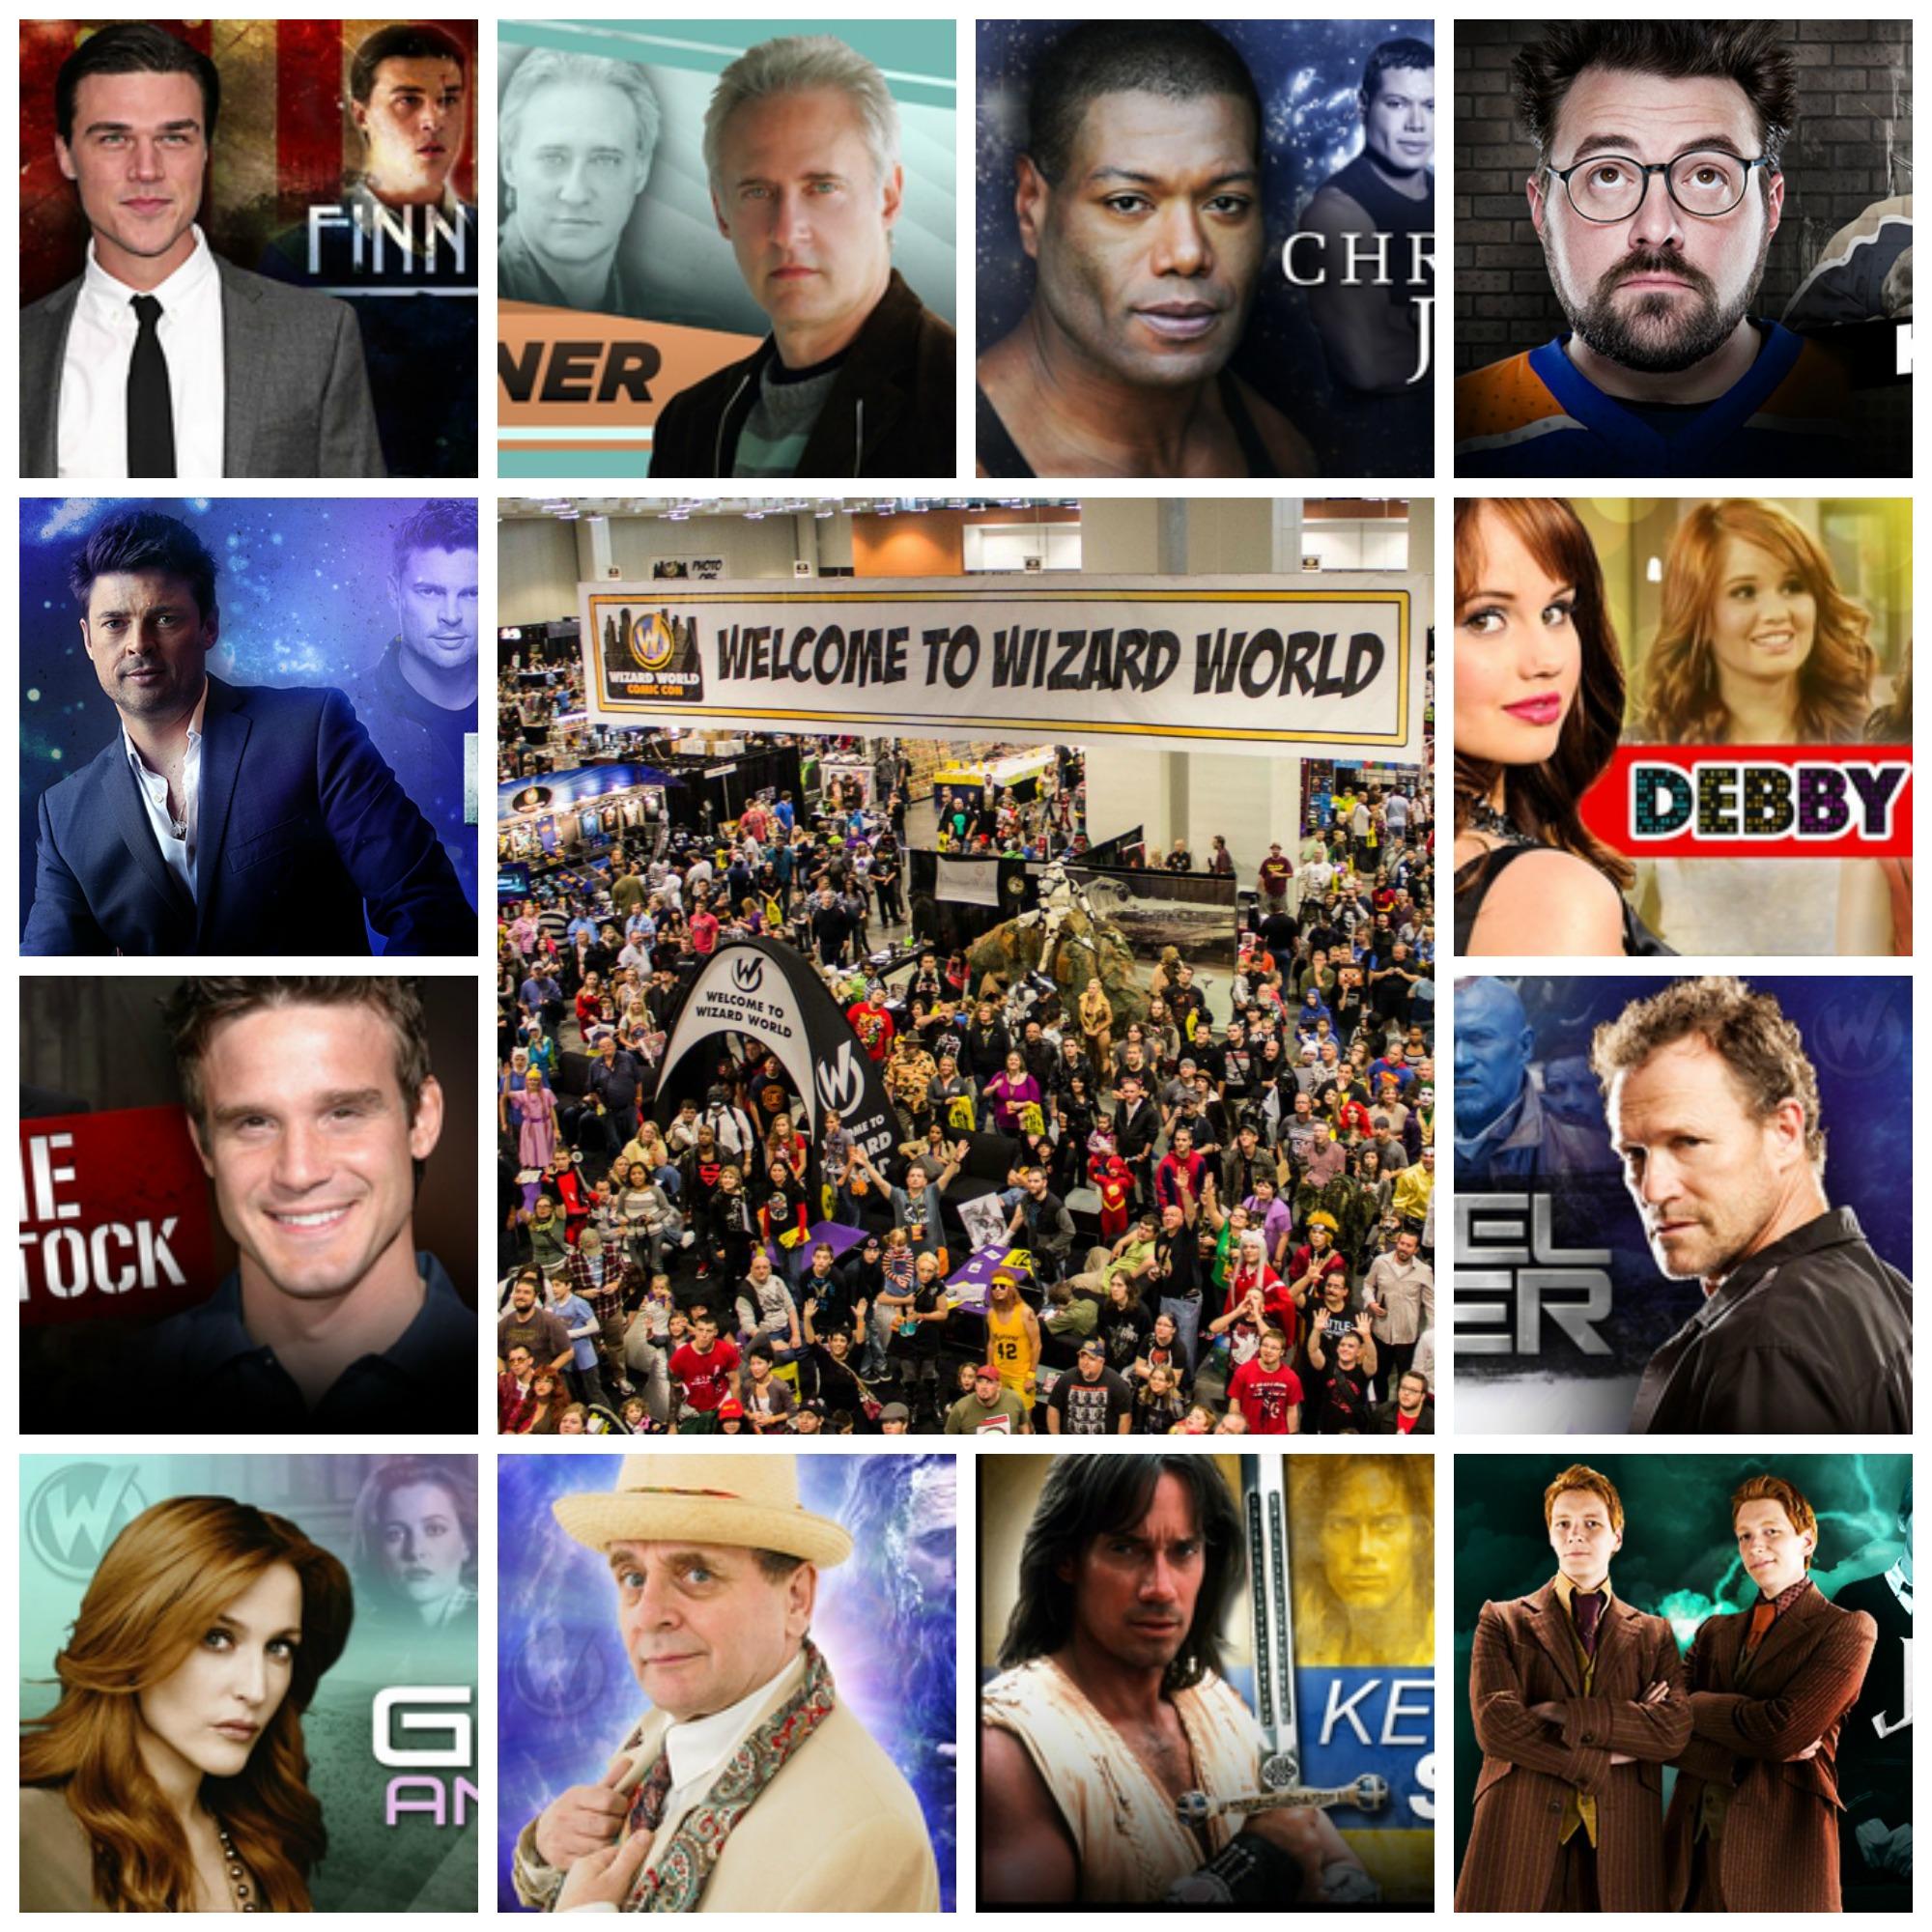 Day 108 of 365 Wizard World Comic CON #365TC